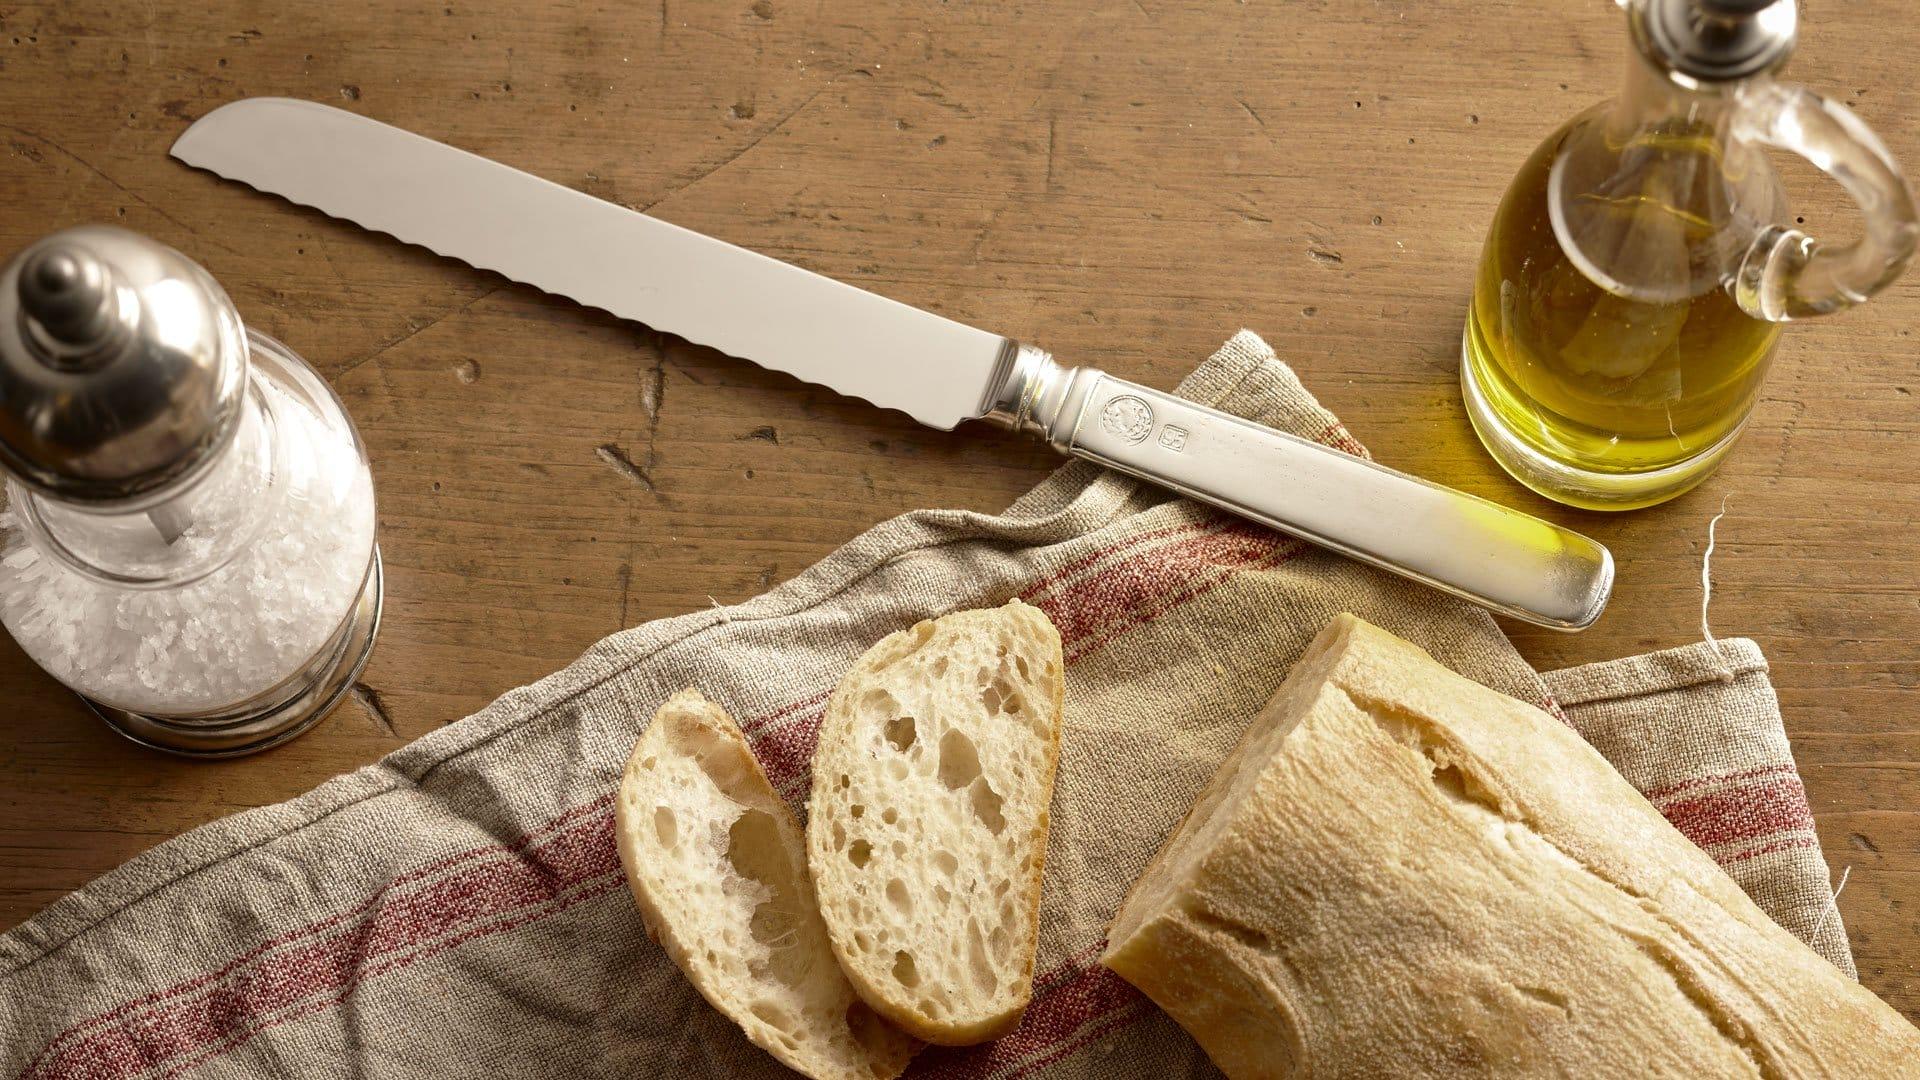 Ножі для різання хліба: особливості, головні різновиди, матеріали лез і рукоятки, правила використання